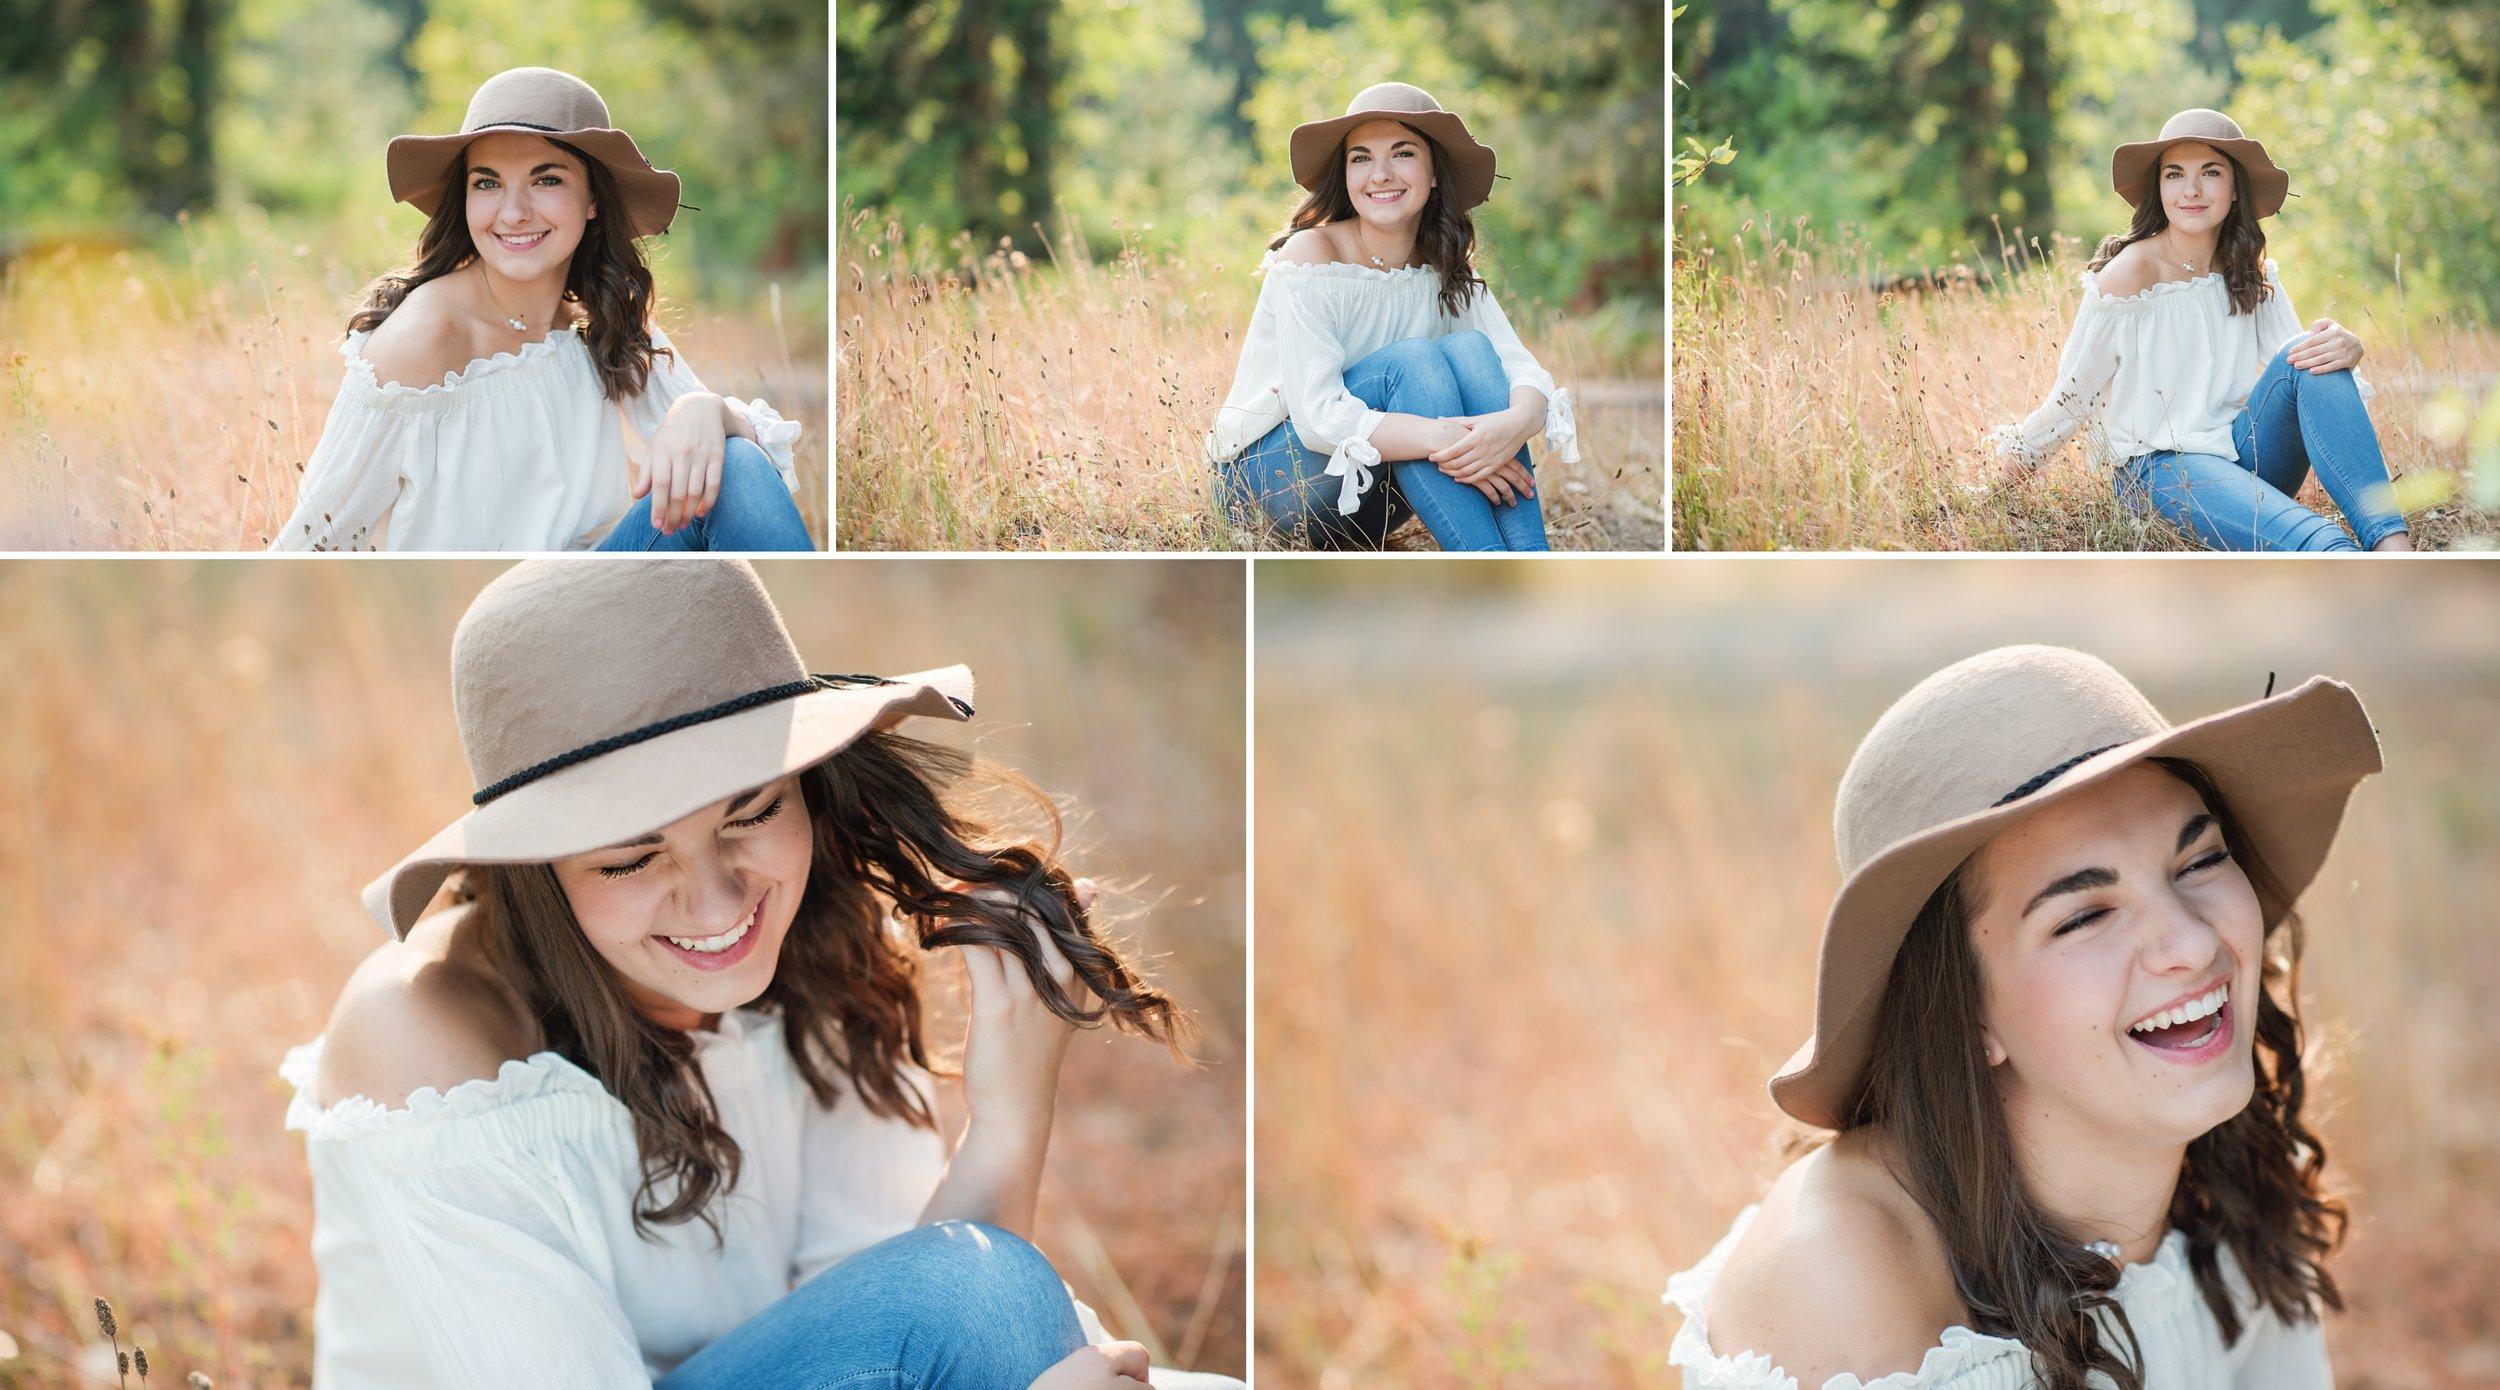 Mary Vance Photography Senior Girl Photographer Sammamish Washington